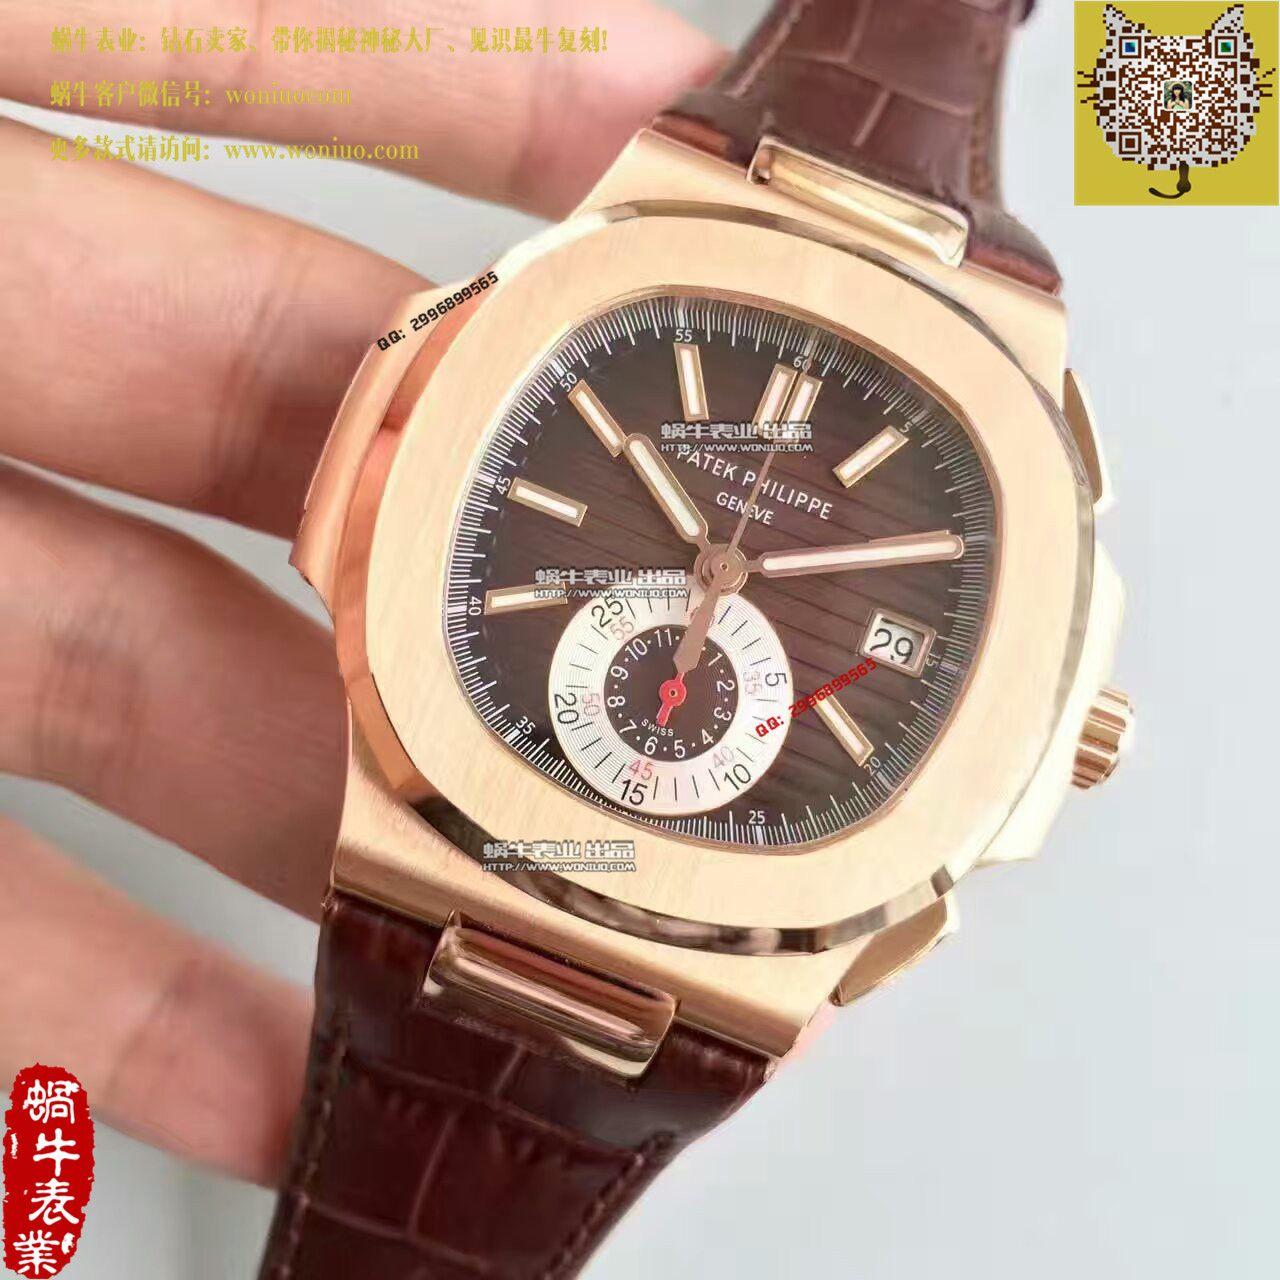 【BP厂1:1复刻手表】百达翡丽运动系列5980R 玫瑰金男士腕表